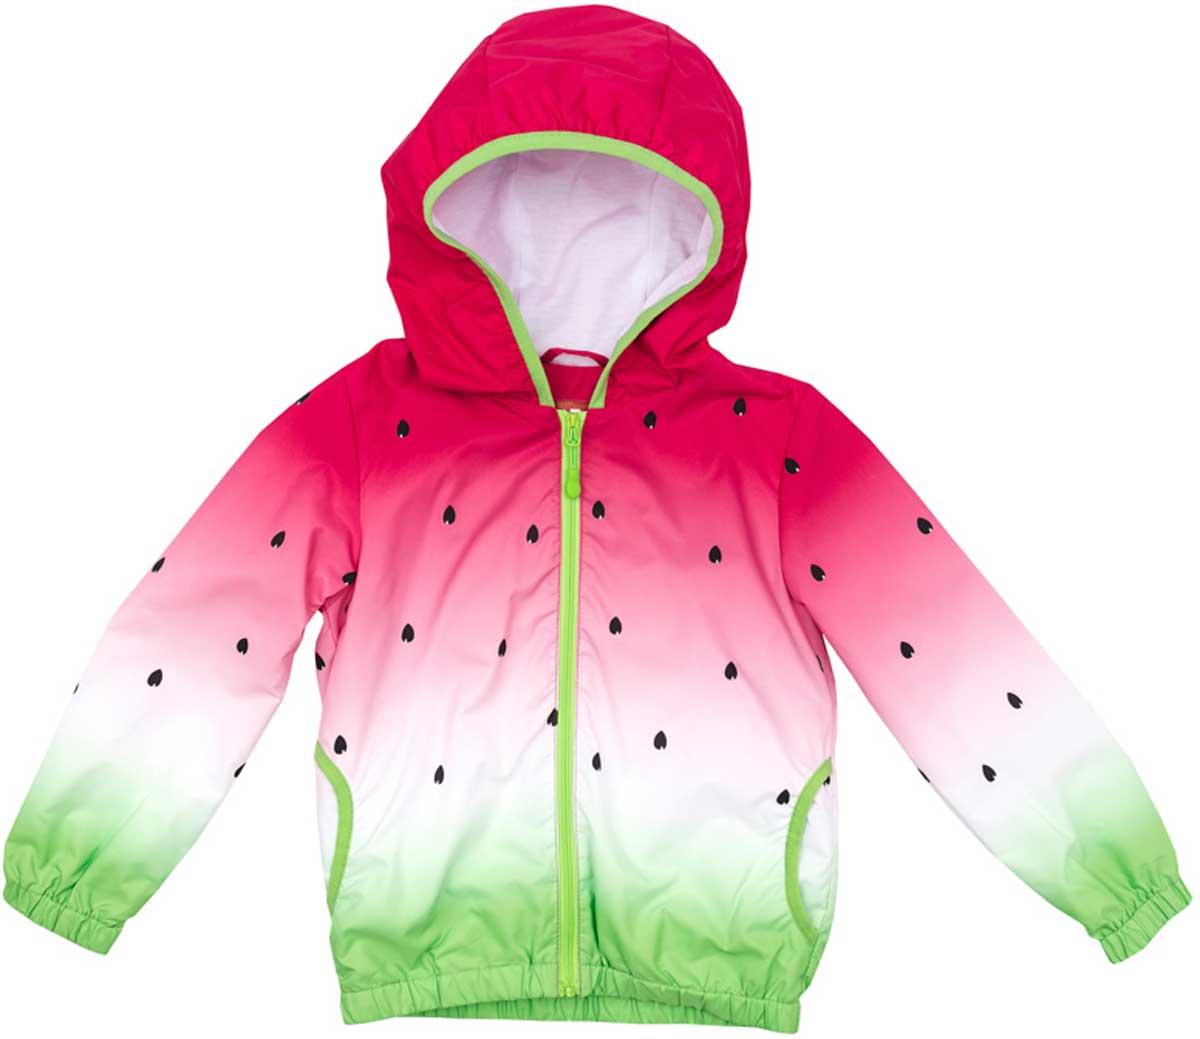 Ветровка для девочки PlayToday, цвет: розовый, салатовый, белый. 172152. Размер 110172152Практичная ветровка яркой сочной расцветки со специальной водоотталкивающей пропиткой защитит вашего ребенка в любую погоду! Мягкие резинки на рукавах и по низу изделия защитят ребенка - ветер не сможет проникнуть под ветровку. Модель с резинкой на капюшоне - даже во время активных игр капюшон не упадет с головы ребенка.